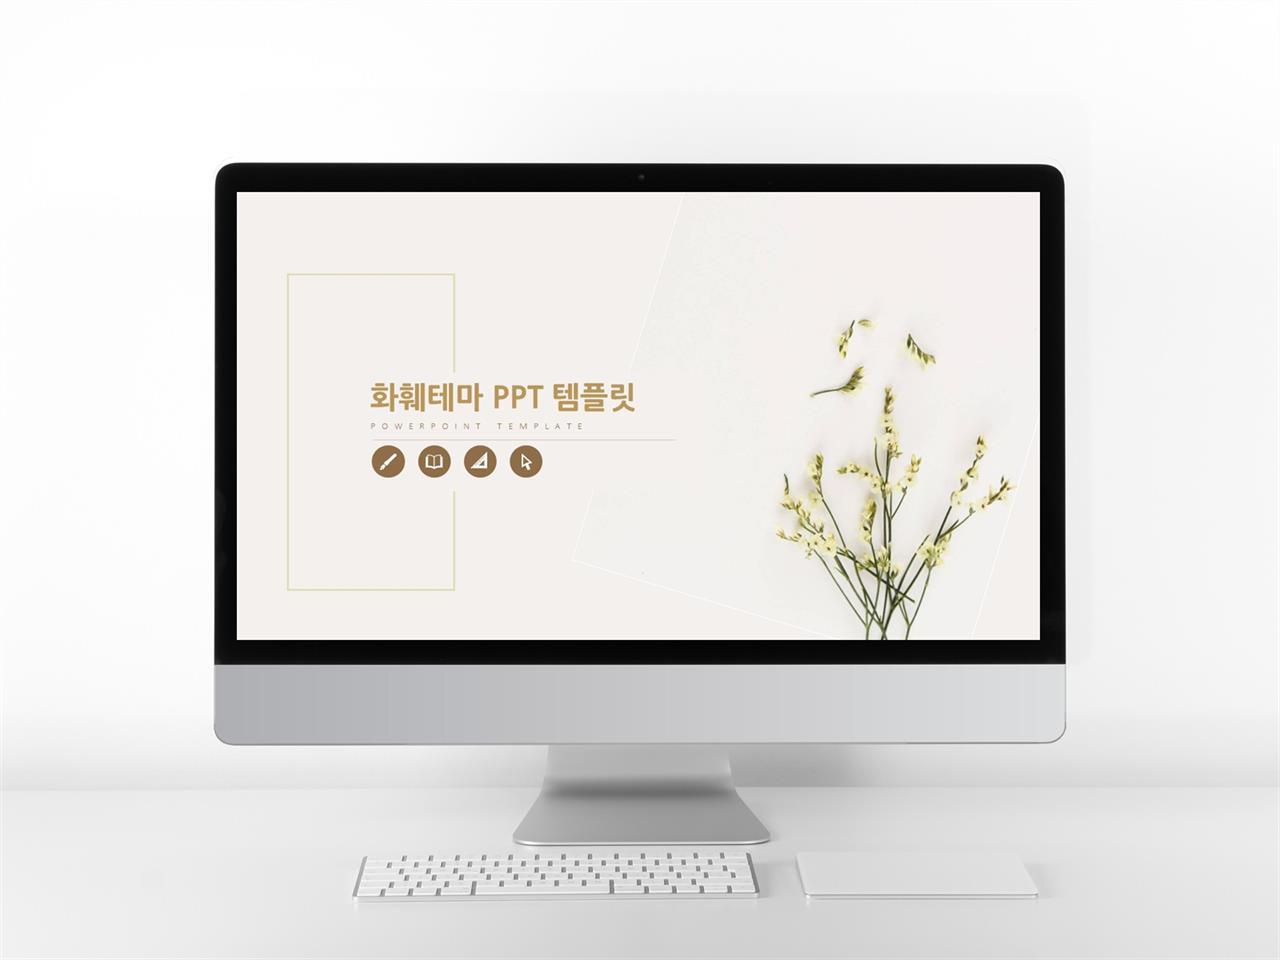 화초주제 황색 예쁜 맞춤형 POWERPOINT샘플 다운로드 미리보기